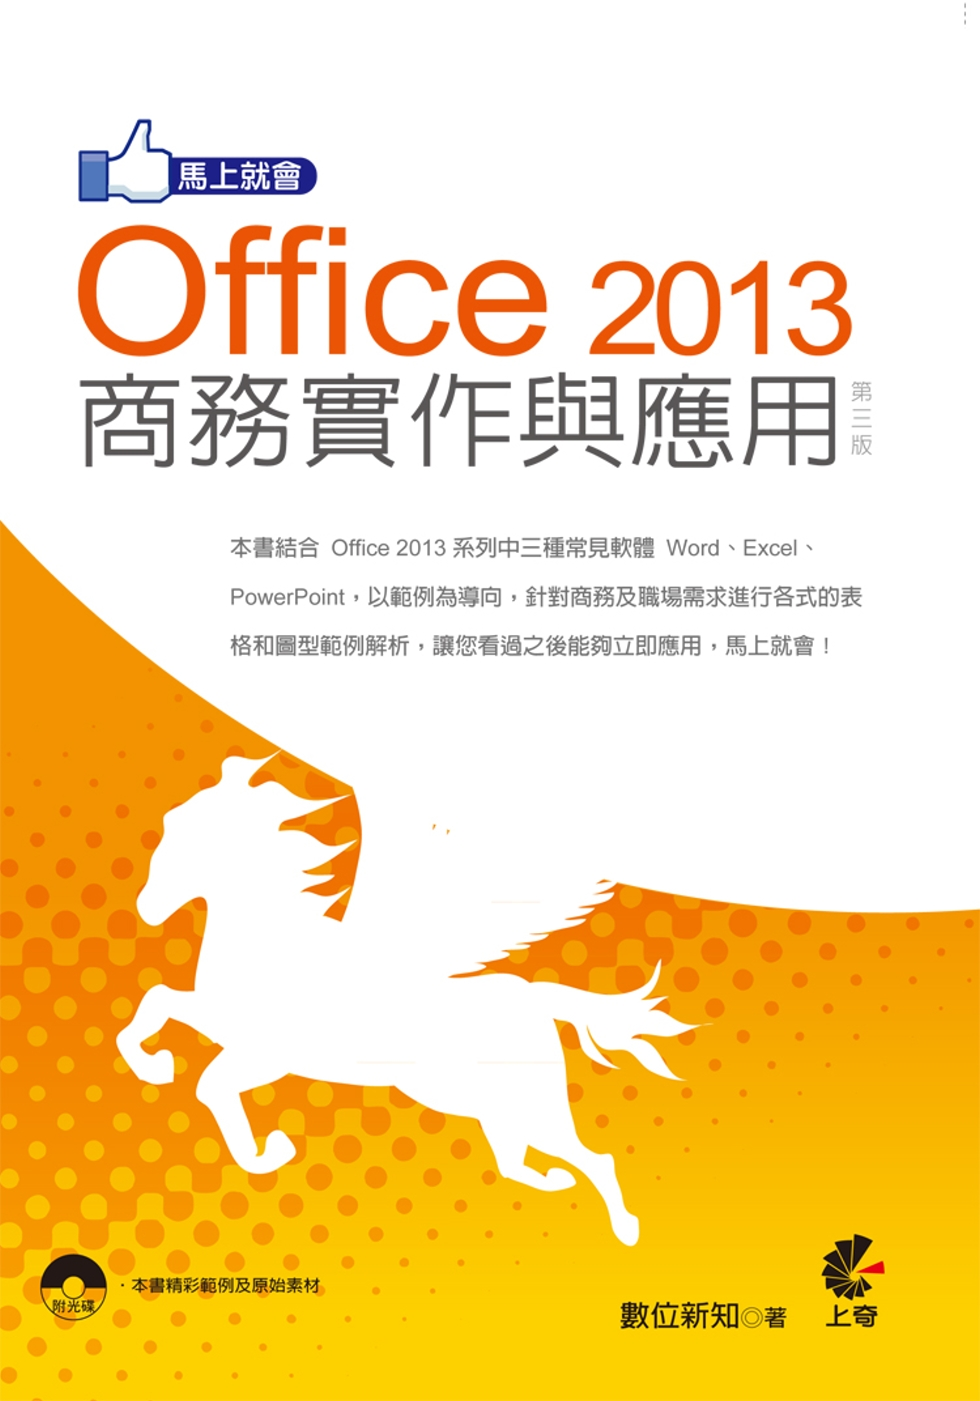 馬上就會 Office 2013 商務實作與應用(第三版)附光碟